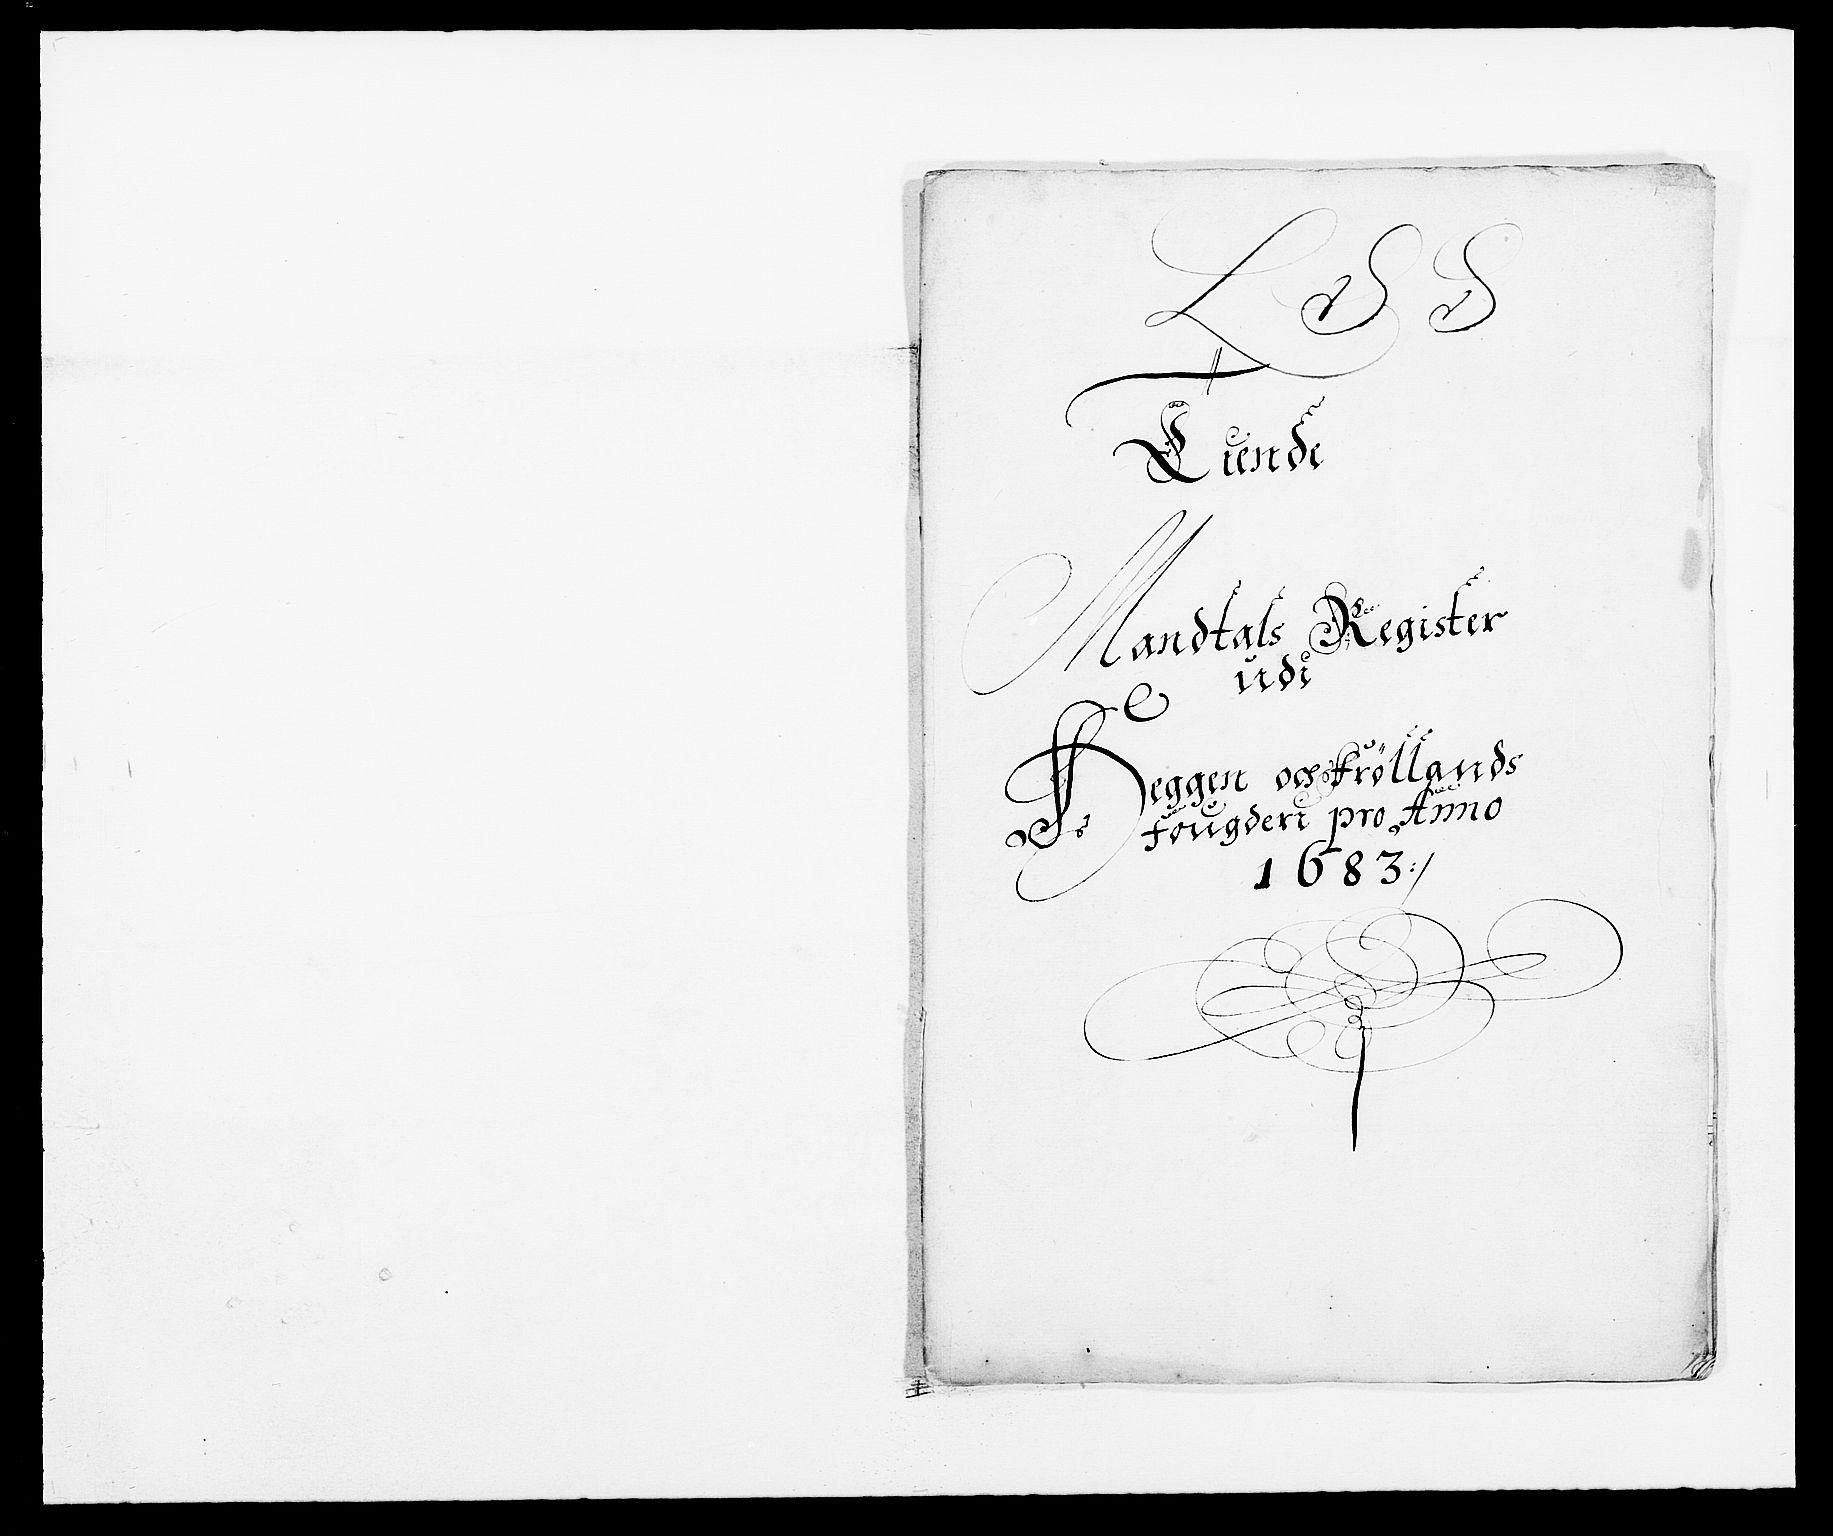 RA, Rentekammeret inntil 1814, Reviderte regnskaper, Fogderegnskap, R06/L0280: Fogderegnskap Heggen og Frøland, 1681-1684, s. 359